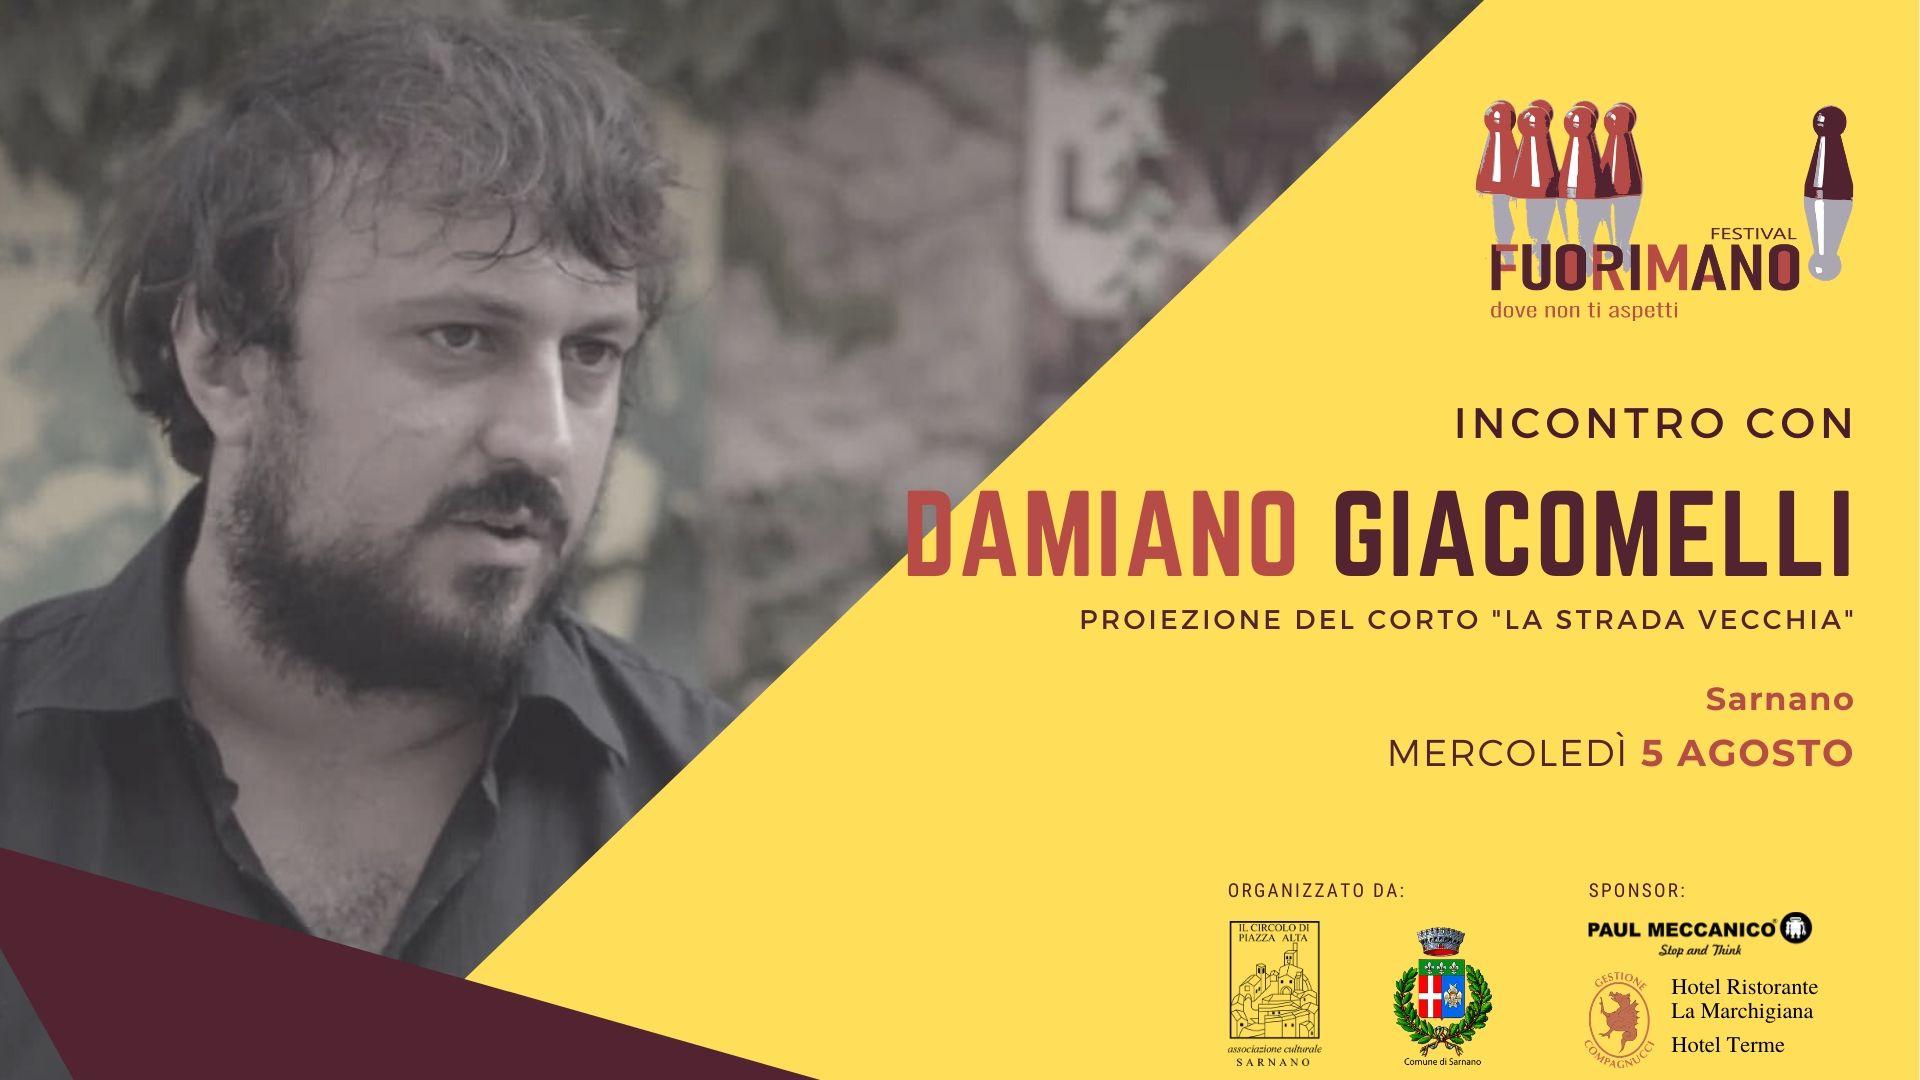 Proiezione del corto La Strada Vecchia - 5 agosto - Giorgio Montanini -30 luglio - Reading poetico con Franco Arminio - 28 luglio - Sarnano - FuoriMano Festival